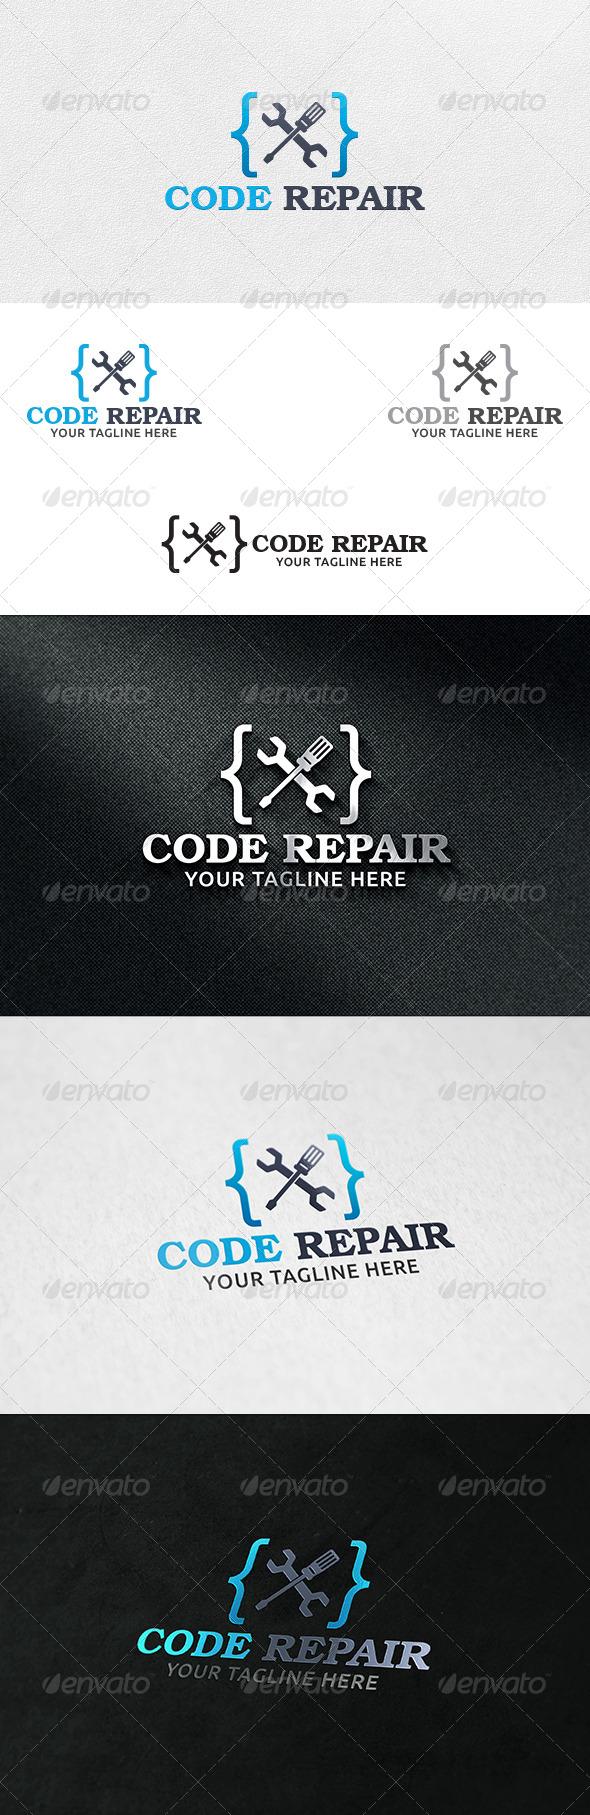 Code Repair - Logo Template